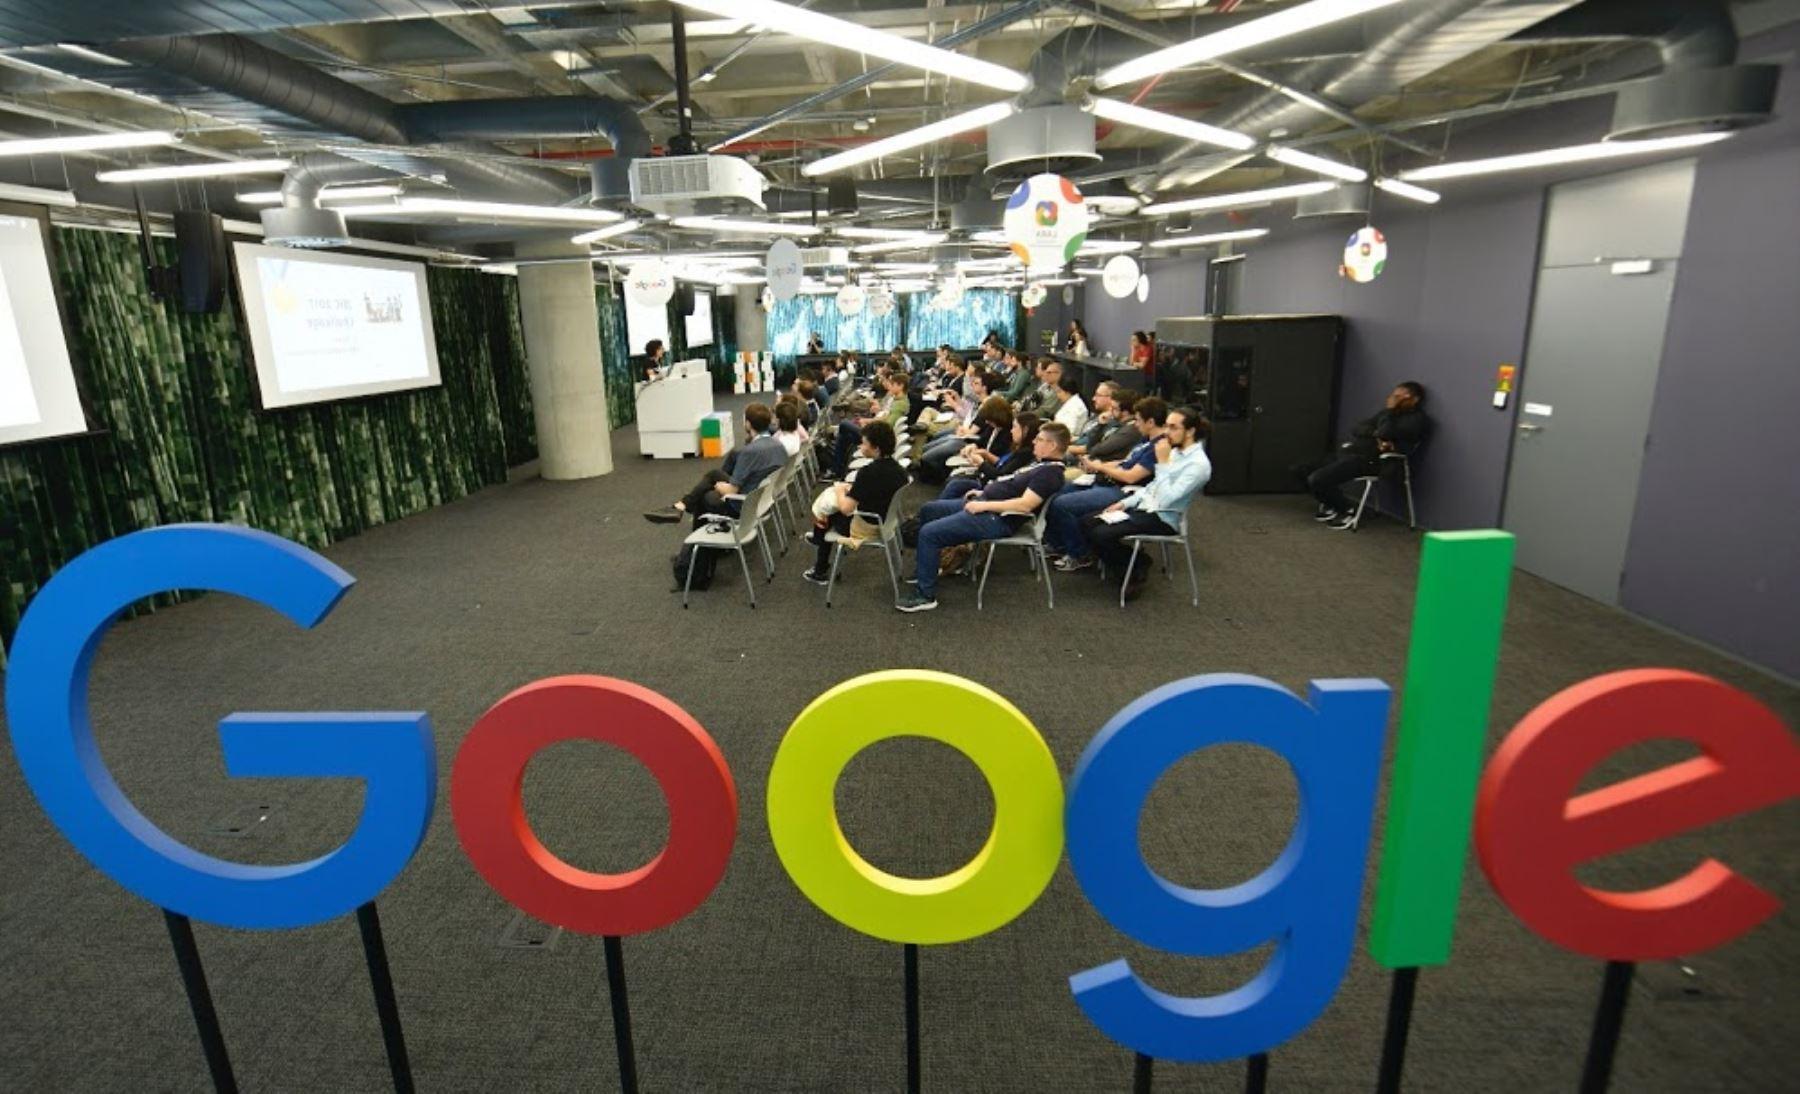 Google ofrece cursos virtuales con certificado gratuito. Foto: Google